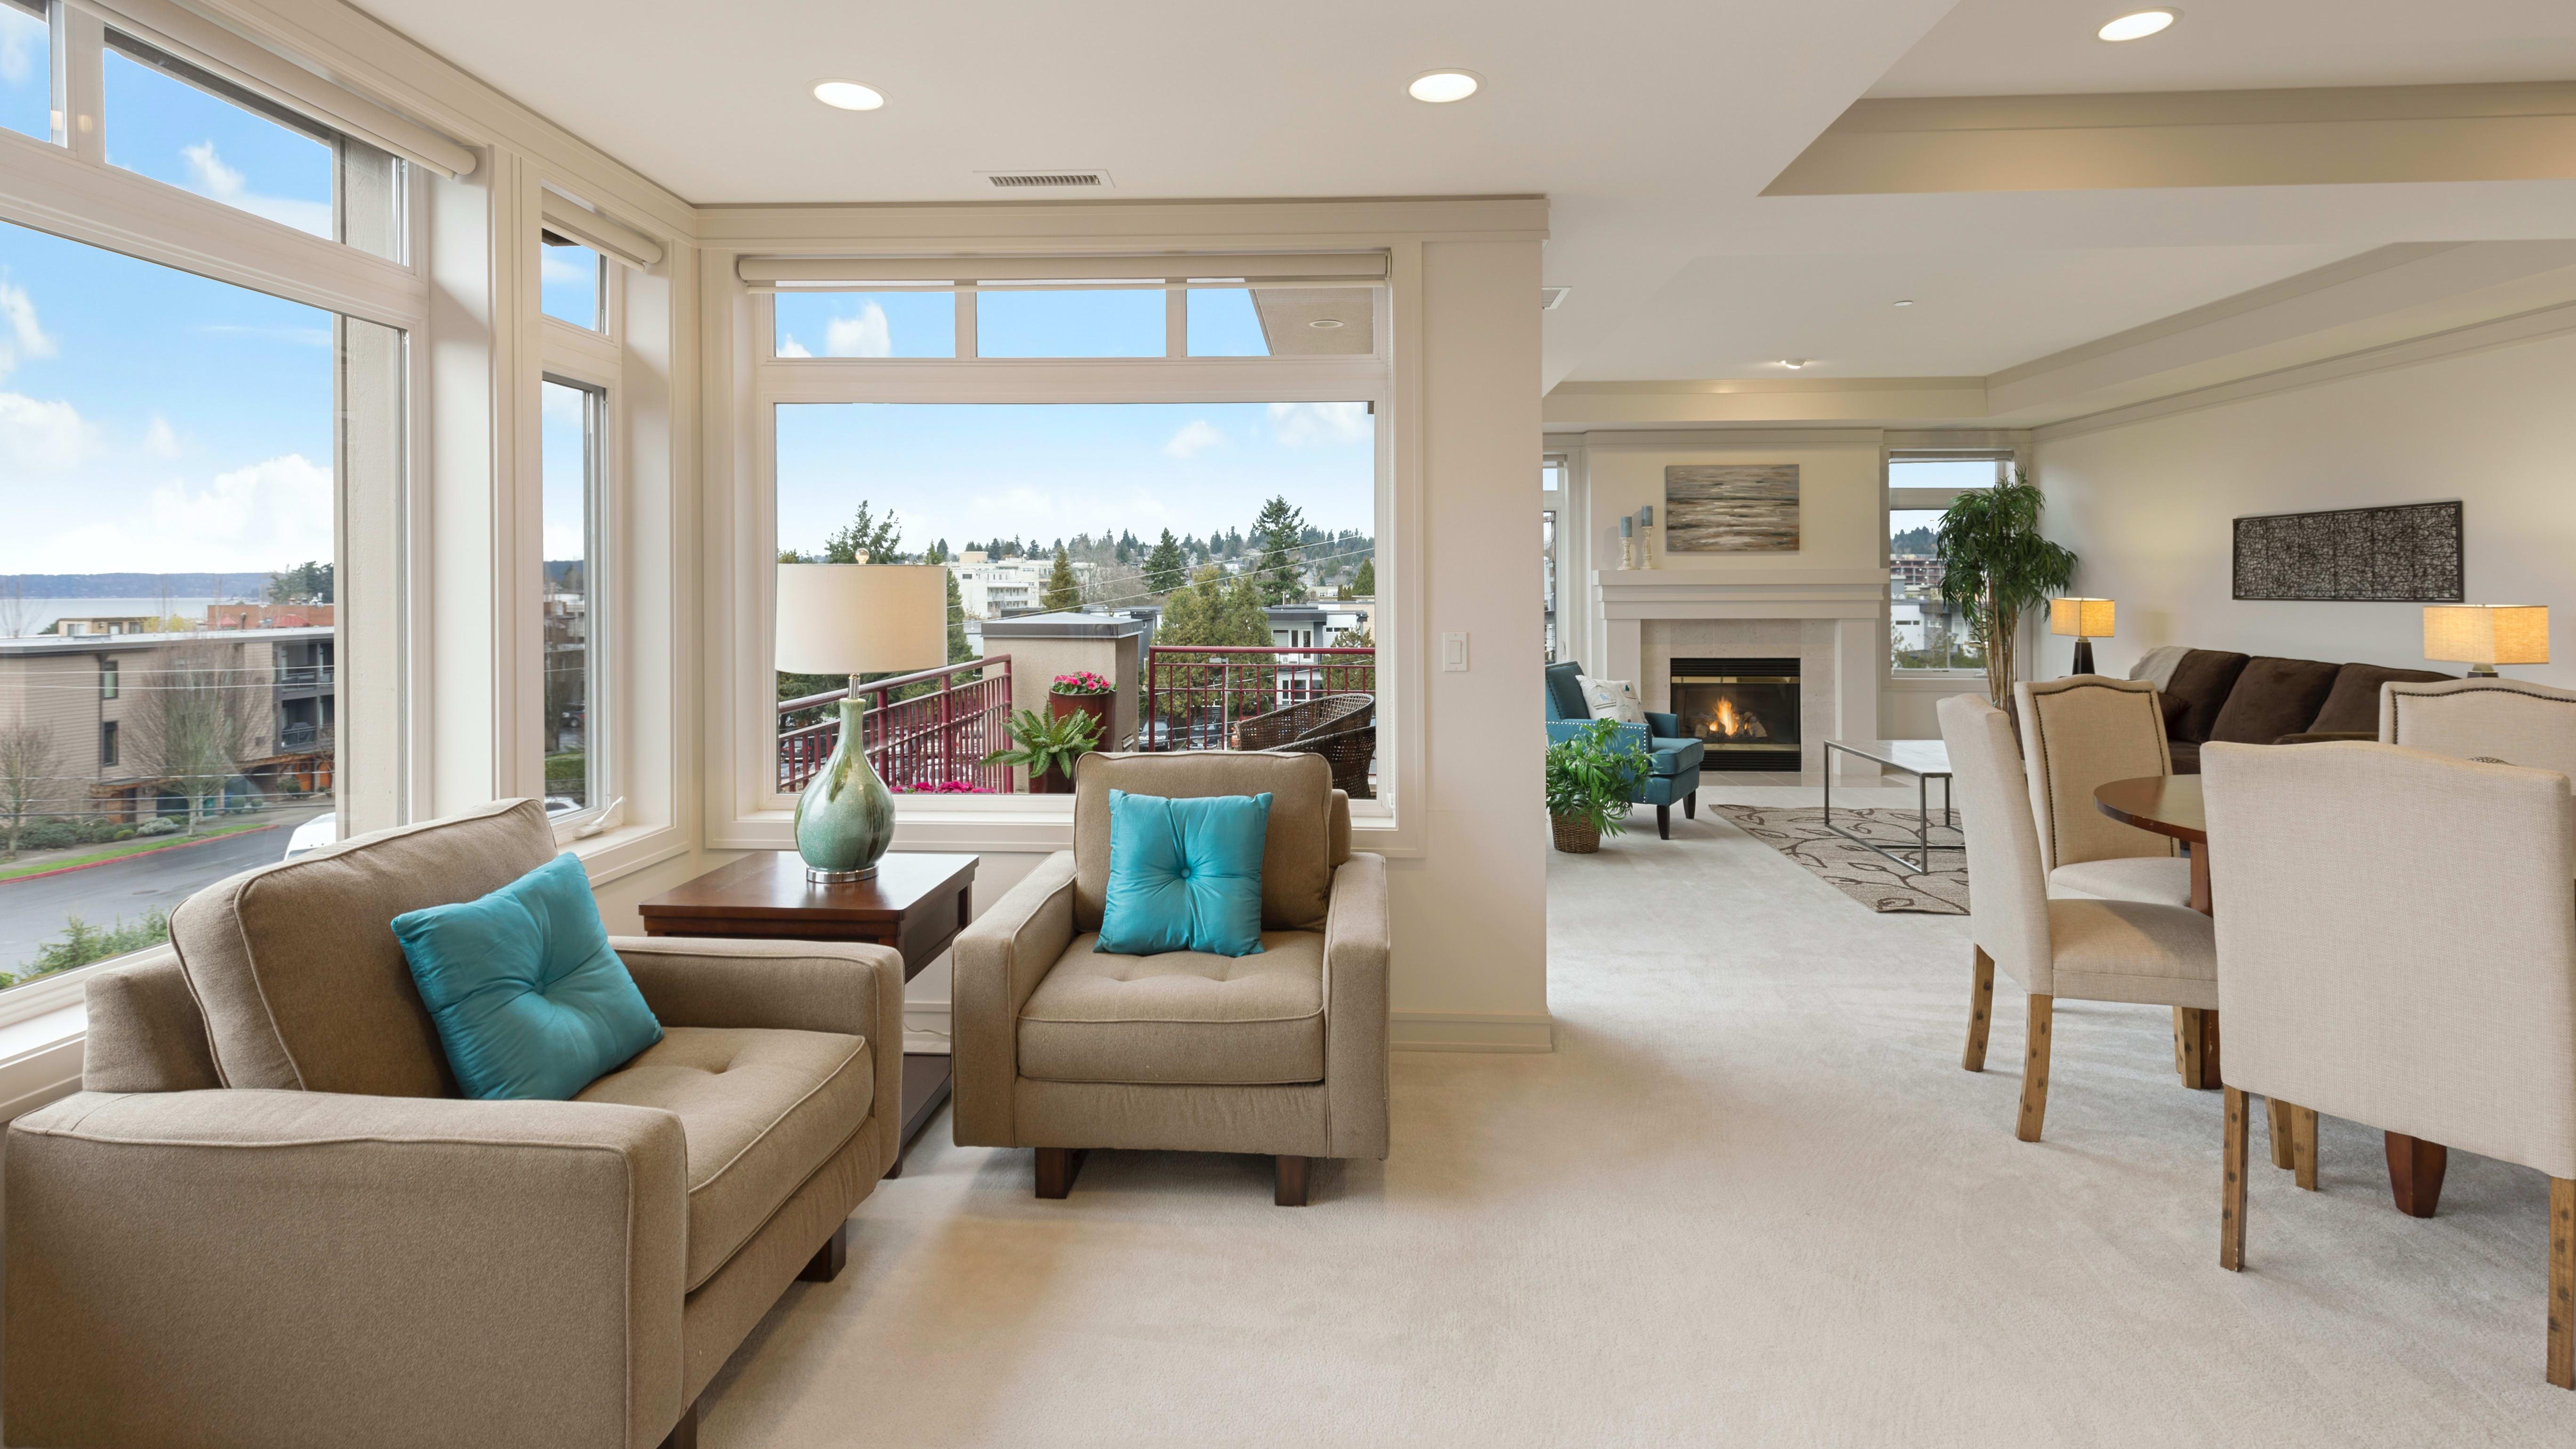 Comment bien choisir son logement en fonction de sa luminosité et de son ensoleillement?